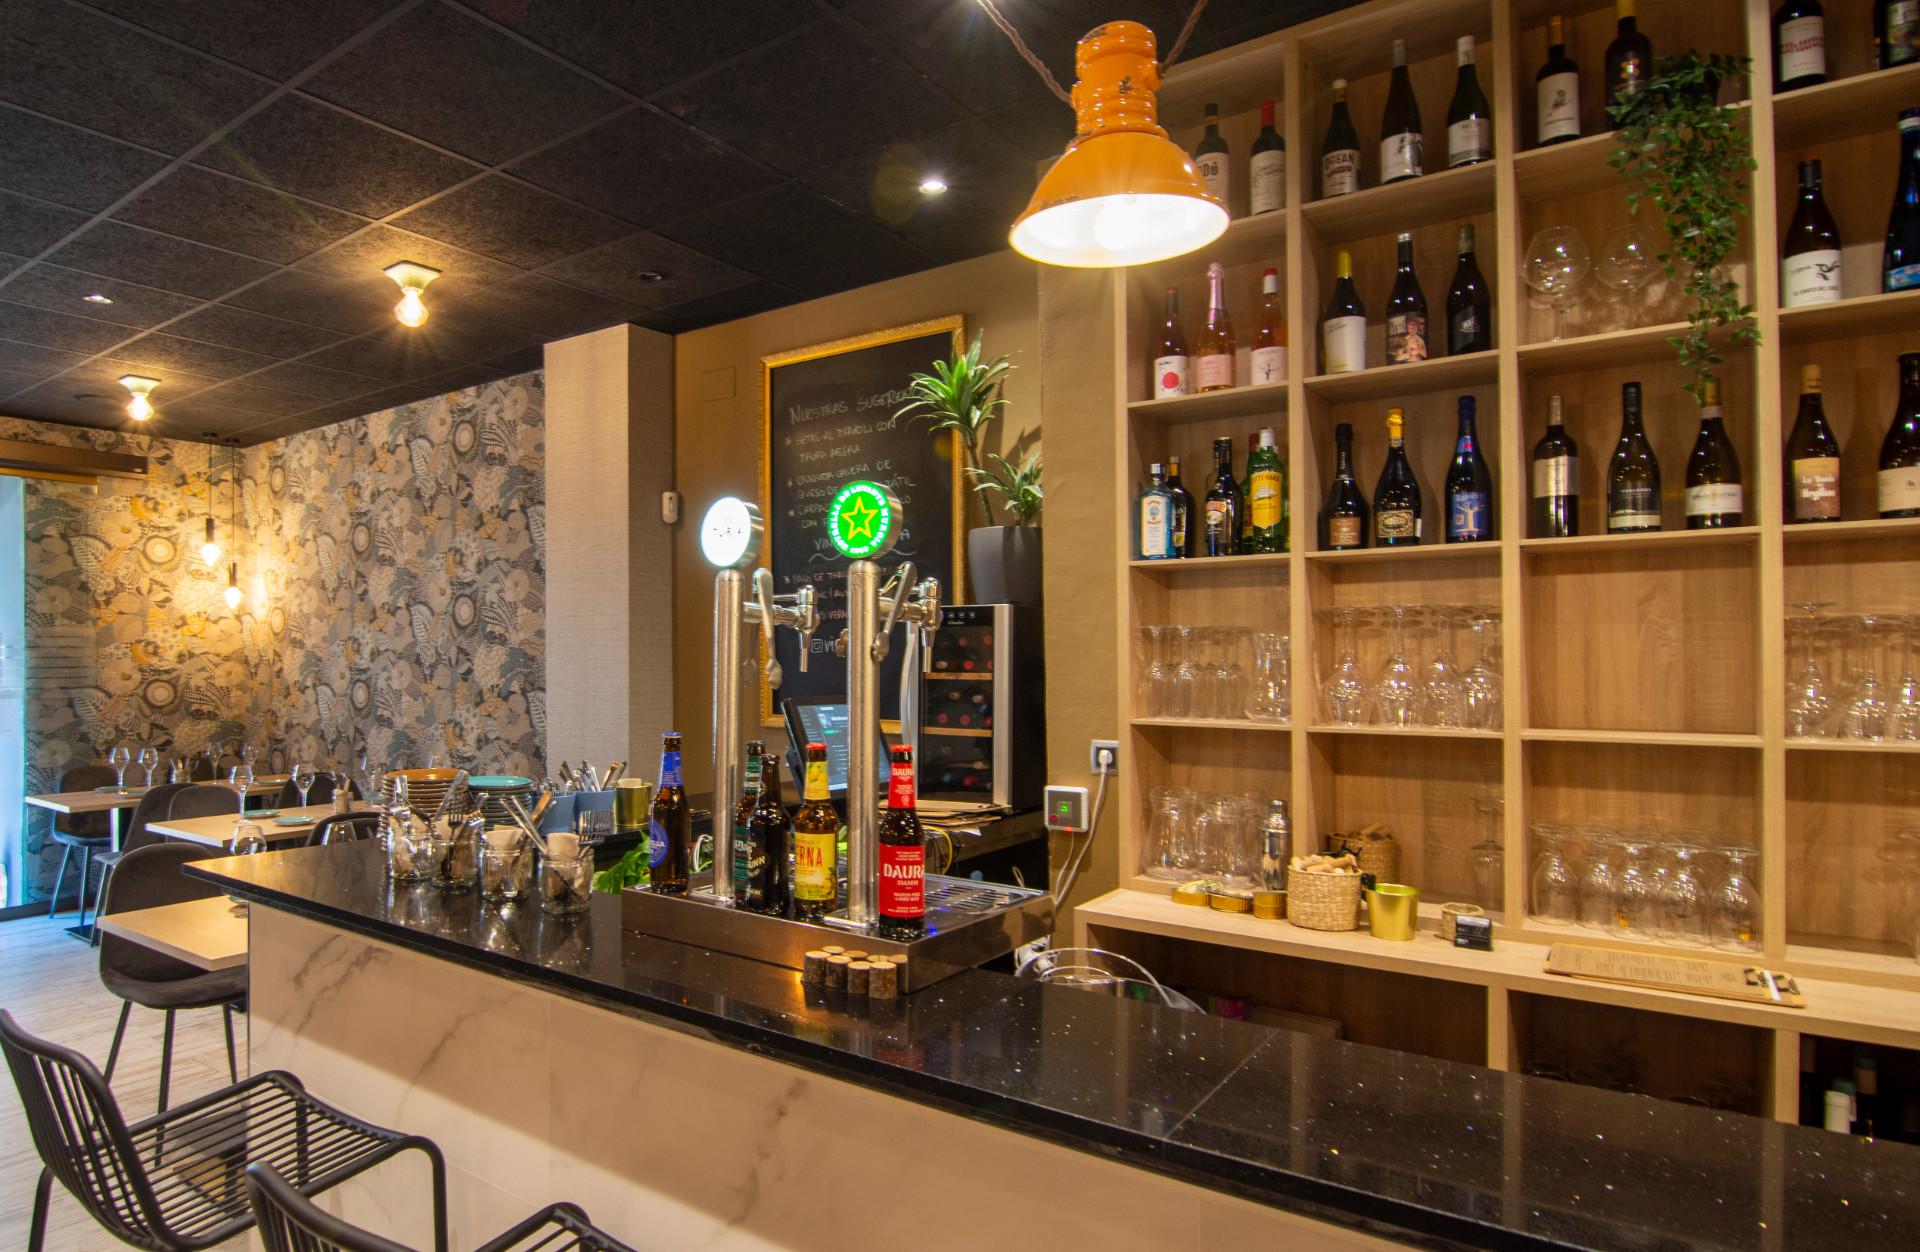 proyectos-interiorismo-interioristas-locales-comerciales-gastronomia-vinotecas-enotecas-restaurantes-bares-vinomio-gastrowine-valencia-7